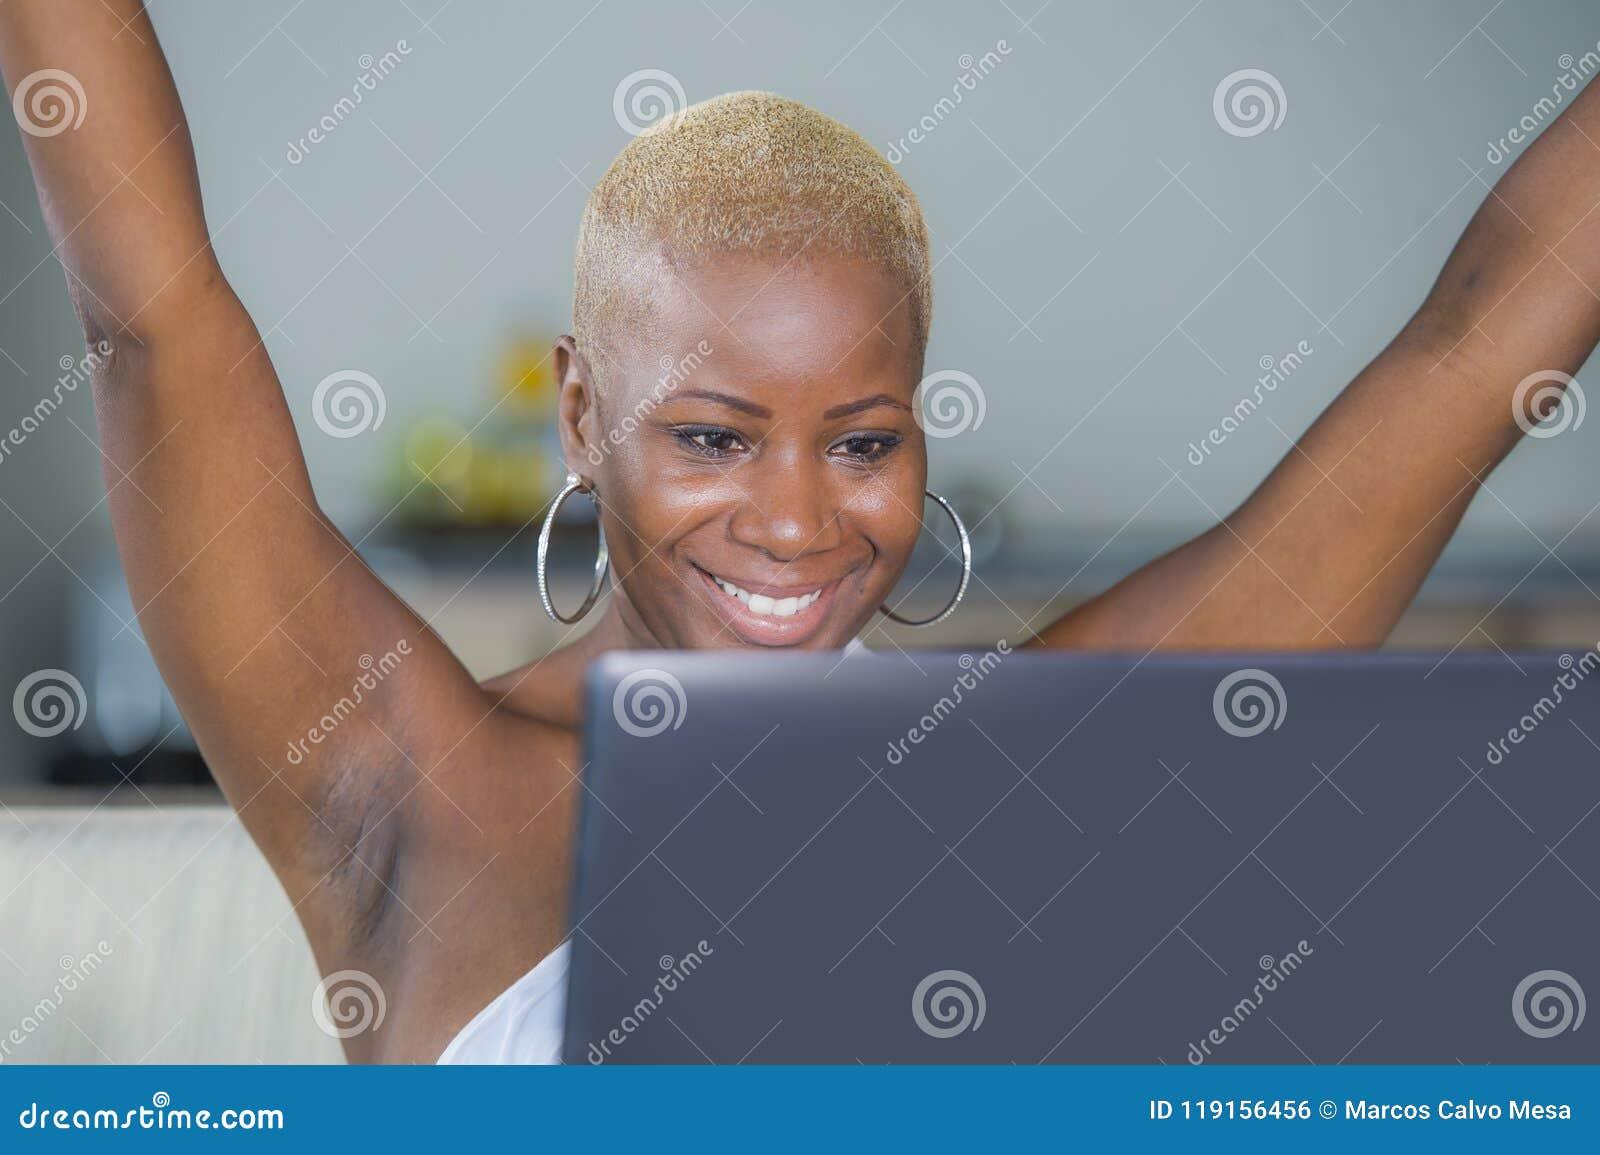 Το νέο όμορφο ευτυχές μαύρο χαμόγελο γυναικών afro αμερικανικό που λειτουργεί στο φορητό προσωπικό υπολογιστή χαλάρωσε στο σπίτι